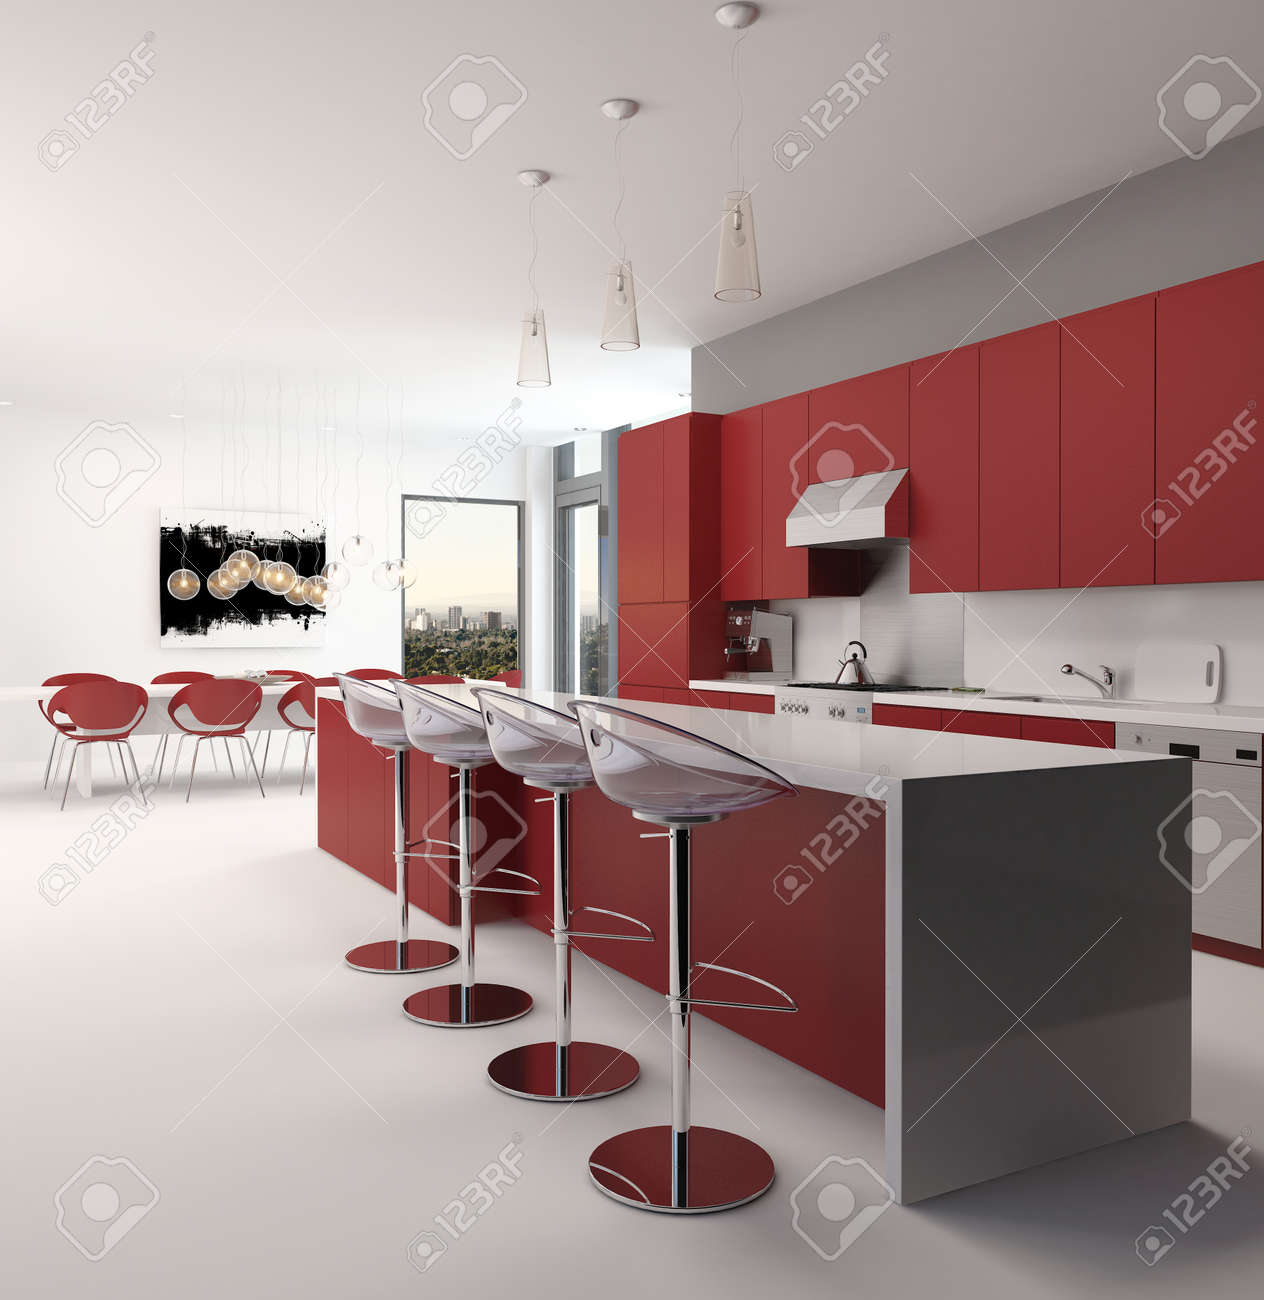 Moderne Offene Rote Küche Interieur Mit Einer Langen Theke Mit ...